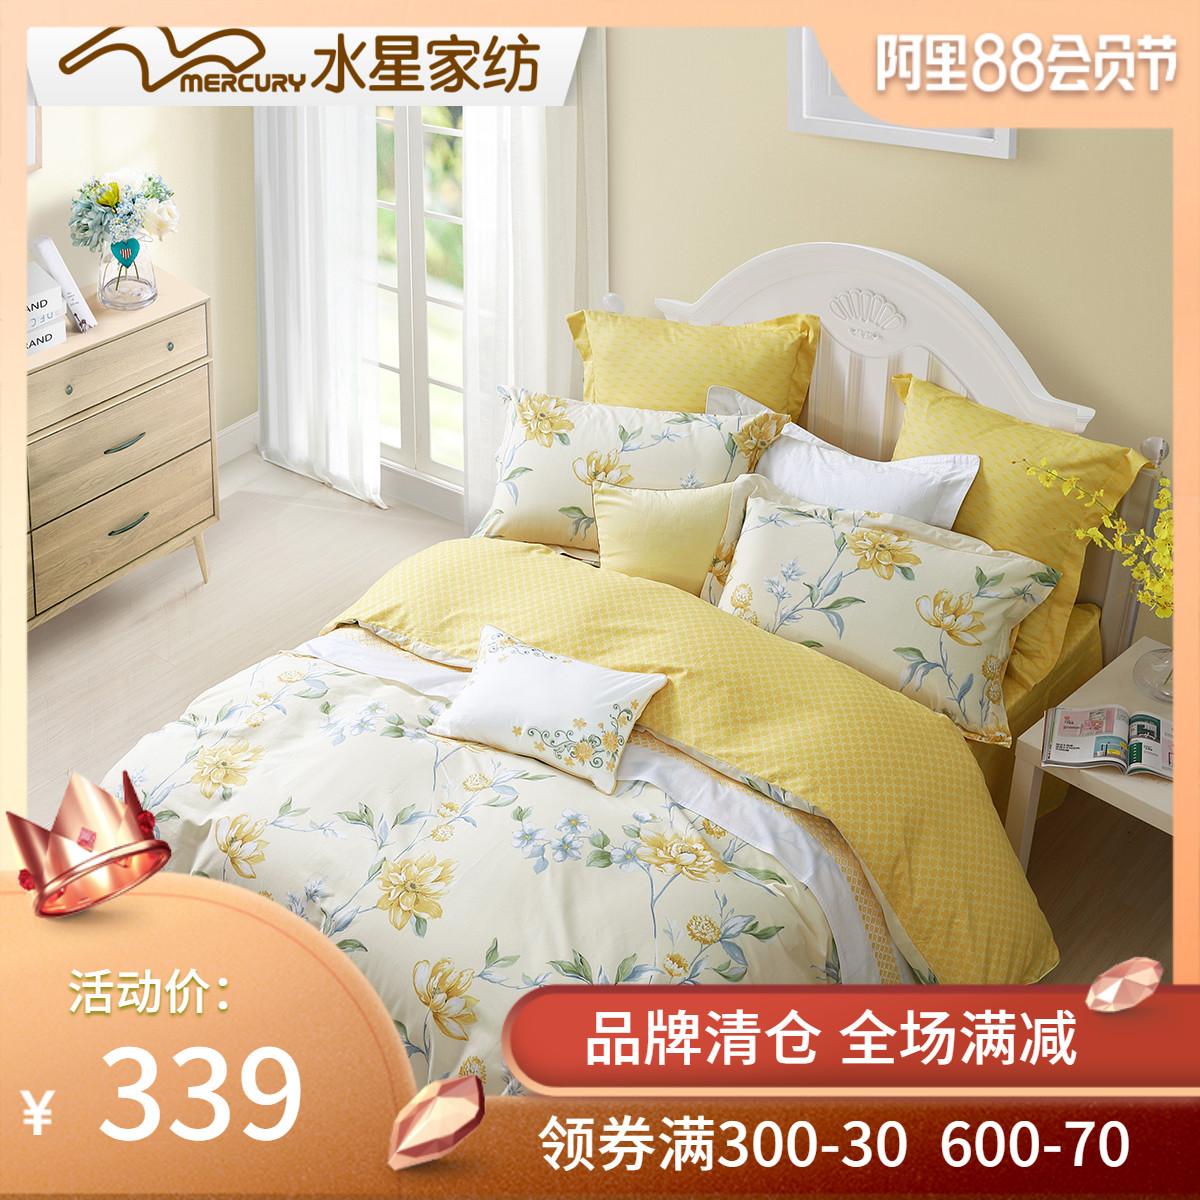 水星家纺 40s全棉斜纹印花三/四件套花卉床上用品月婉花庭新品